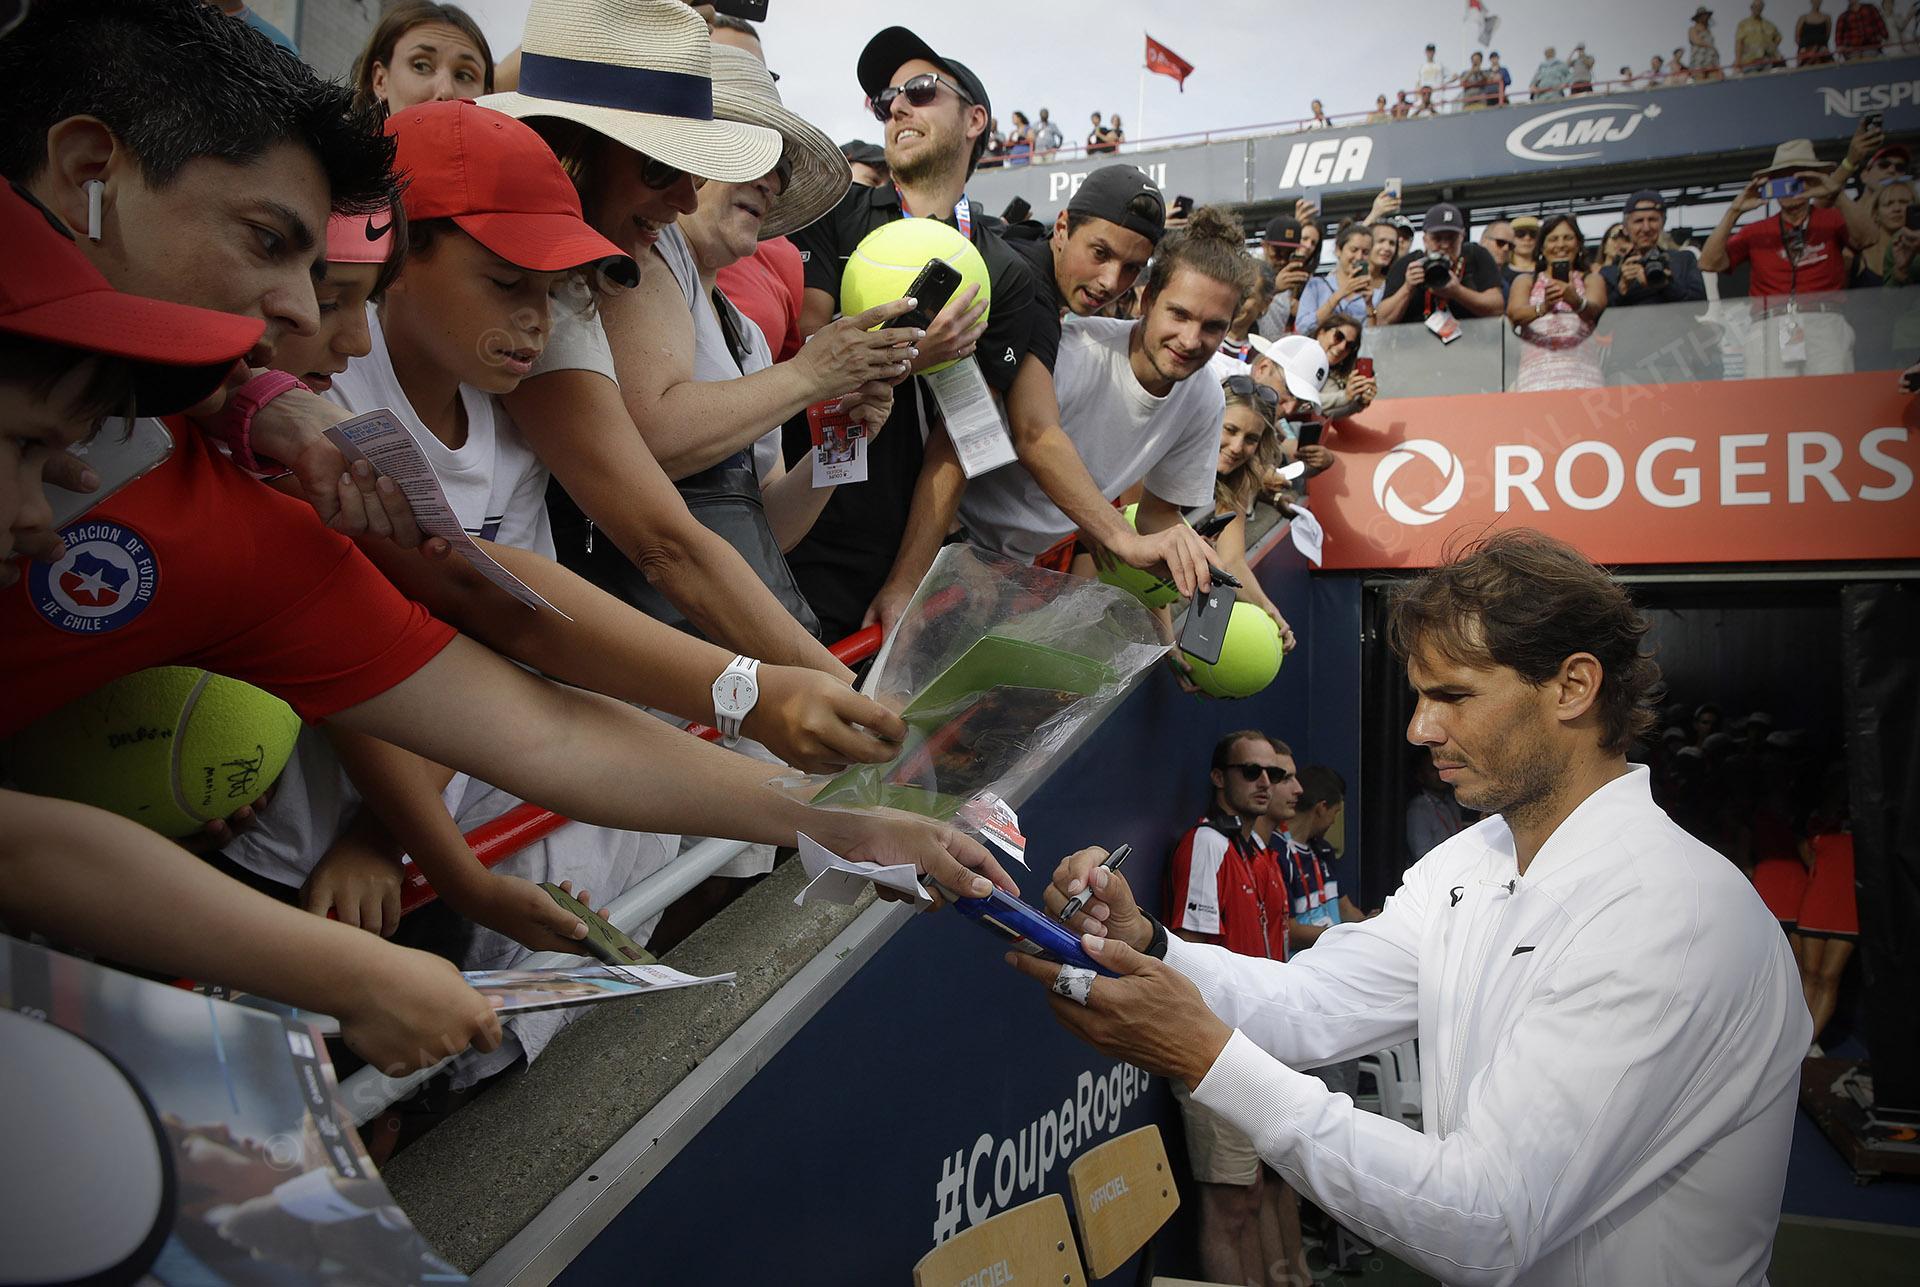 Rafael Nadal est un joueur de tennis espagnol à la coupe rogers 2019 il signe des autographes aux nombreux partisans